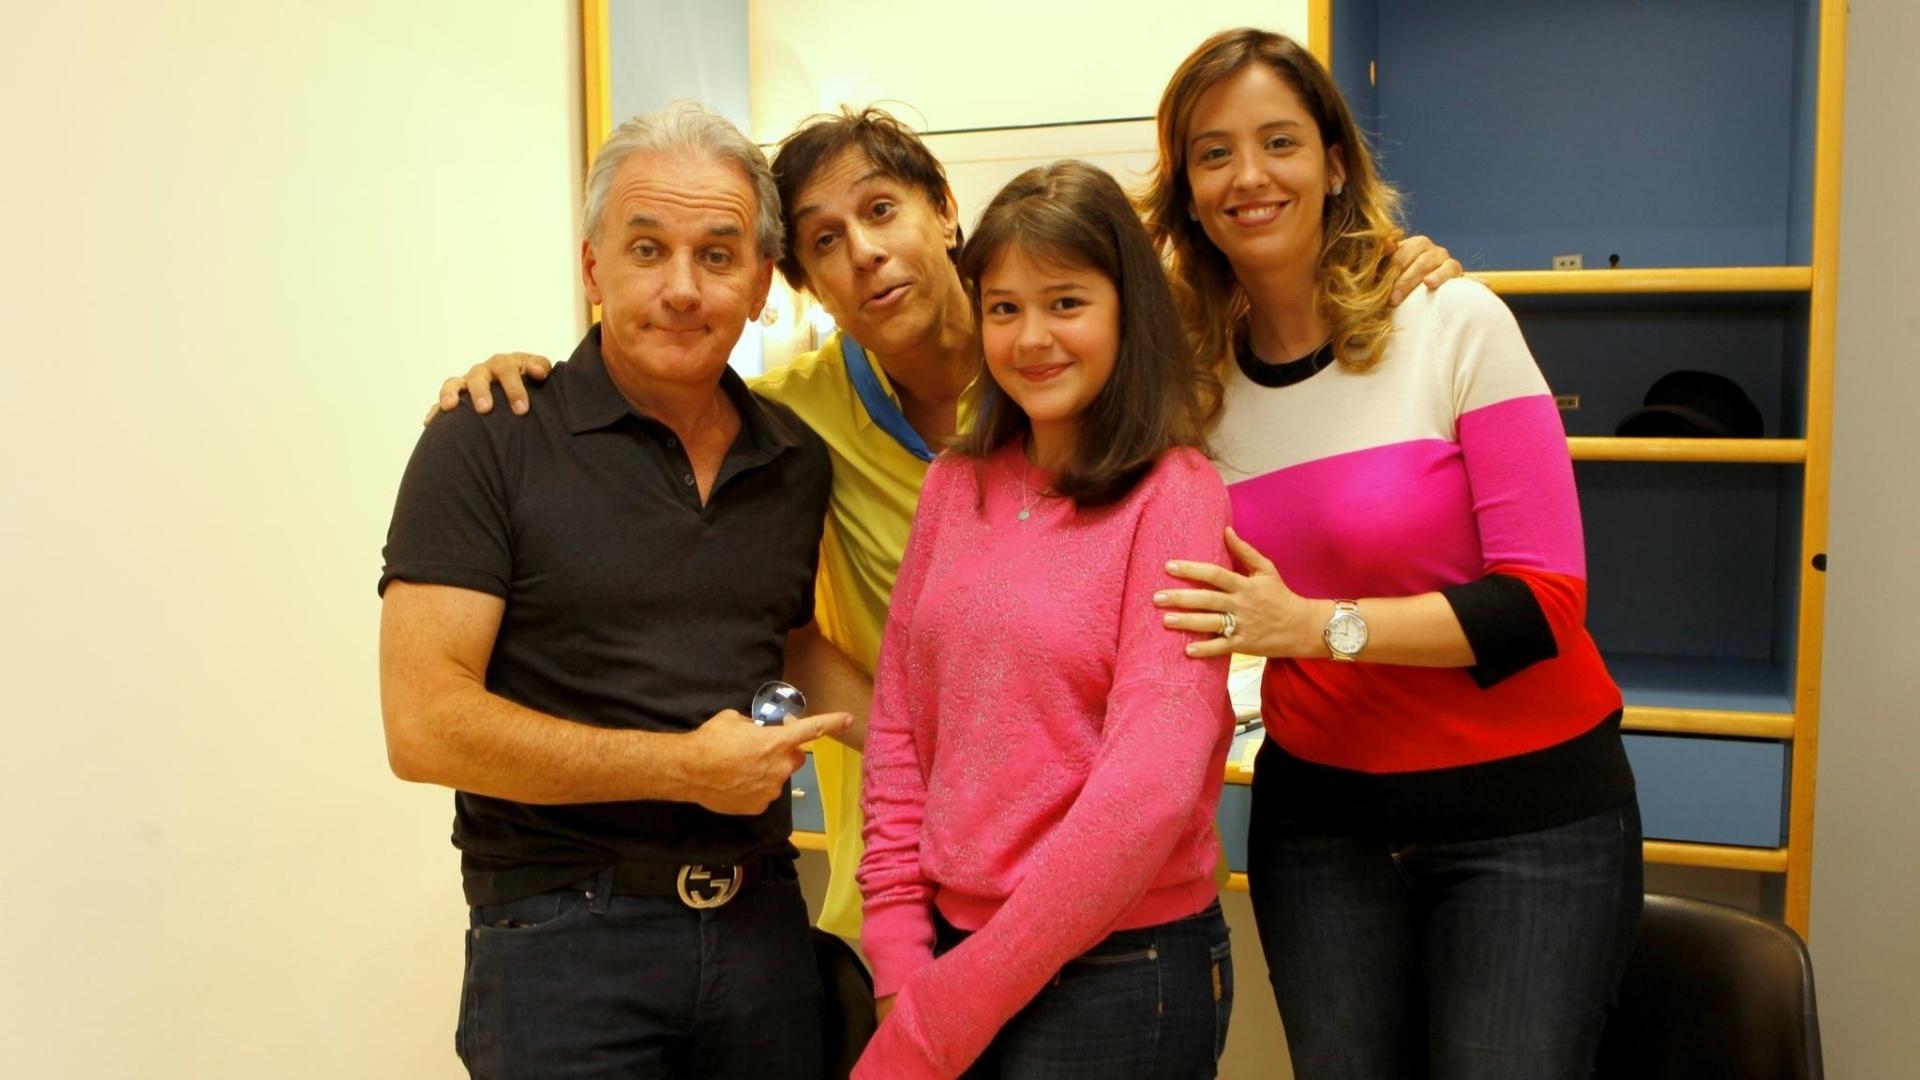 maio.2014 - Ao lado da mulher e da filha, Tom Cavalcante posa com o apresentador Otávio Mesquita nos bastidores do humorístico